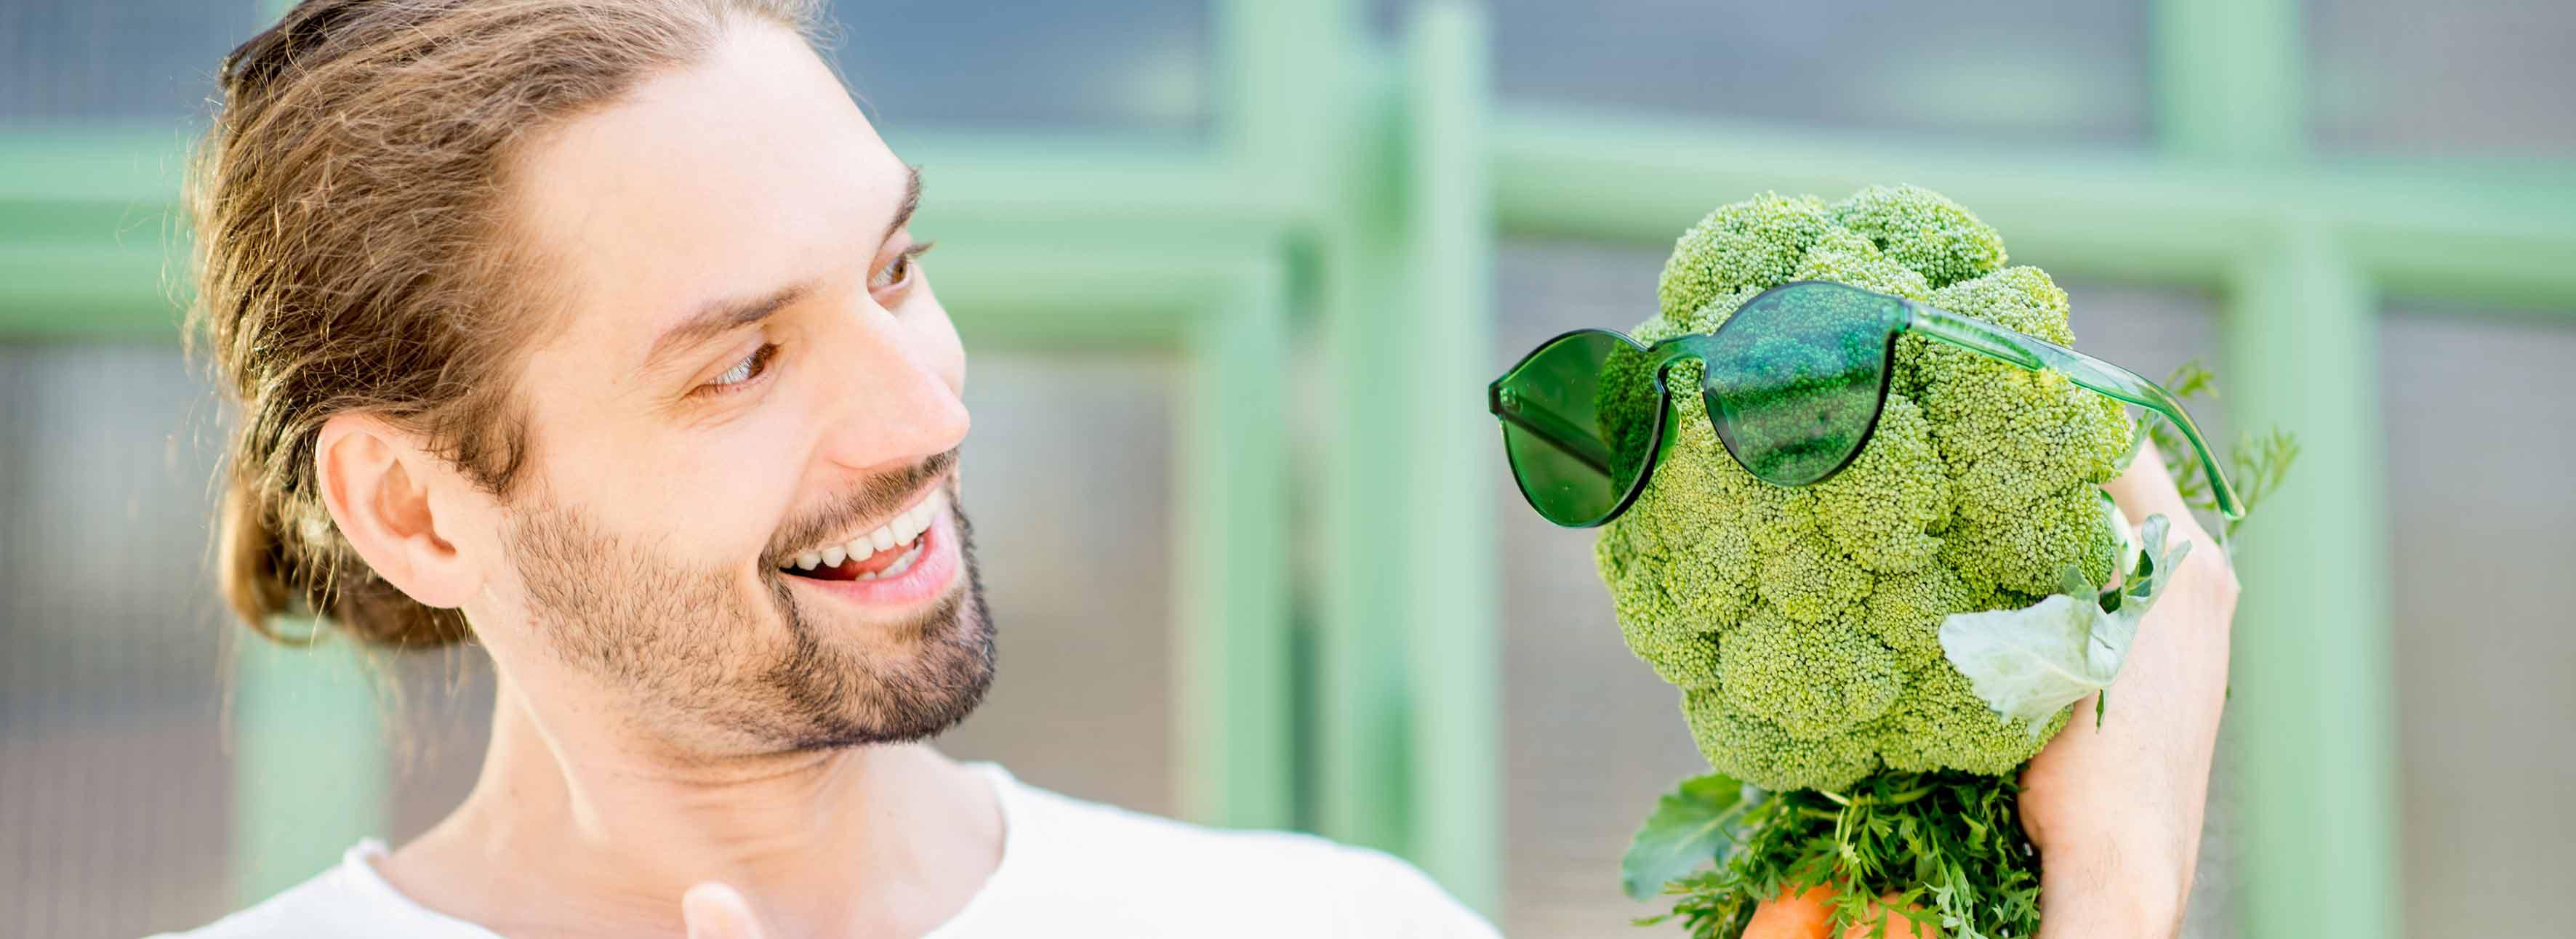 Mann spricht mit Gemüsekopf